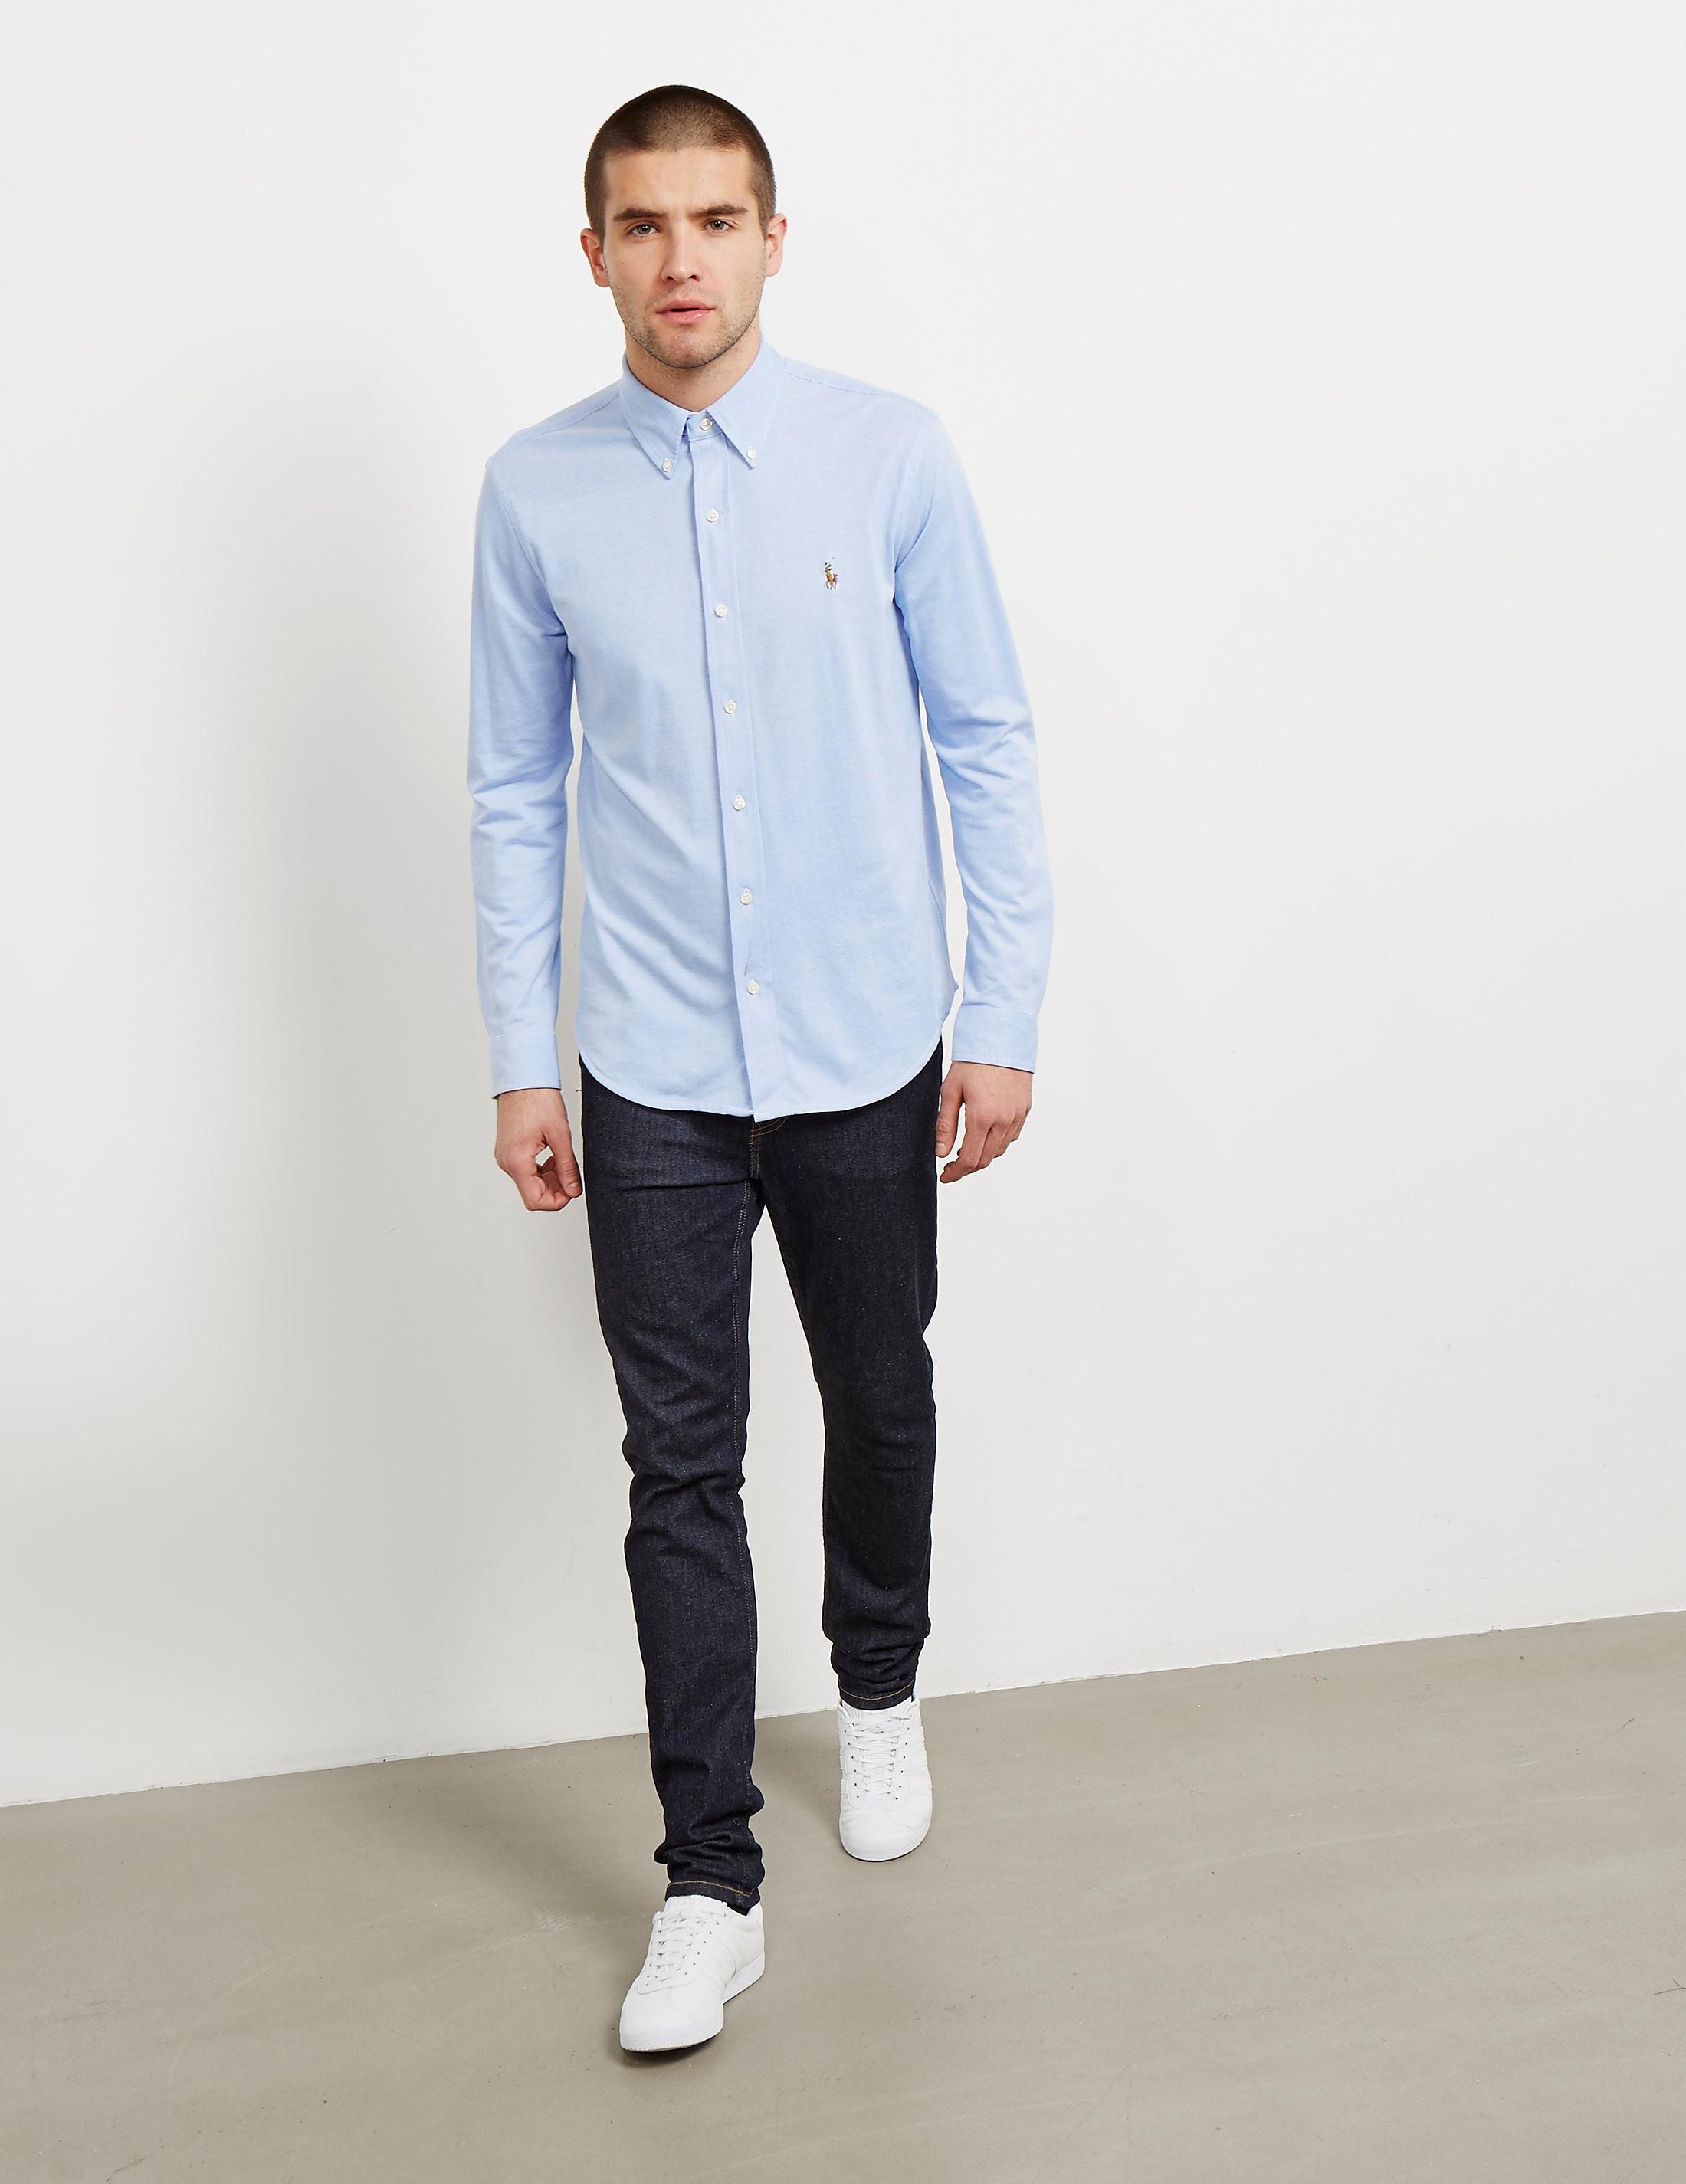 Polo Ralph Lauren Pique Long Sleeve Shirt